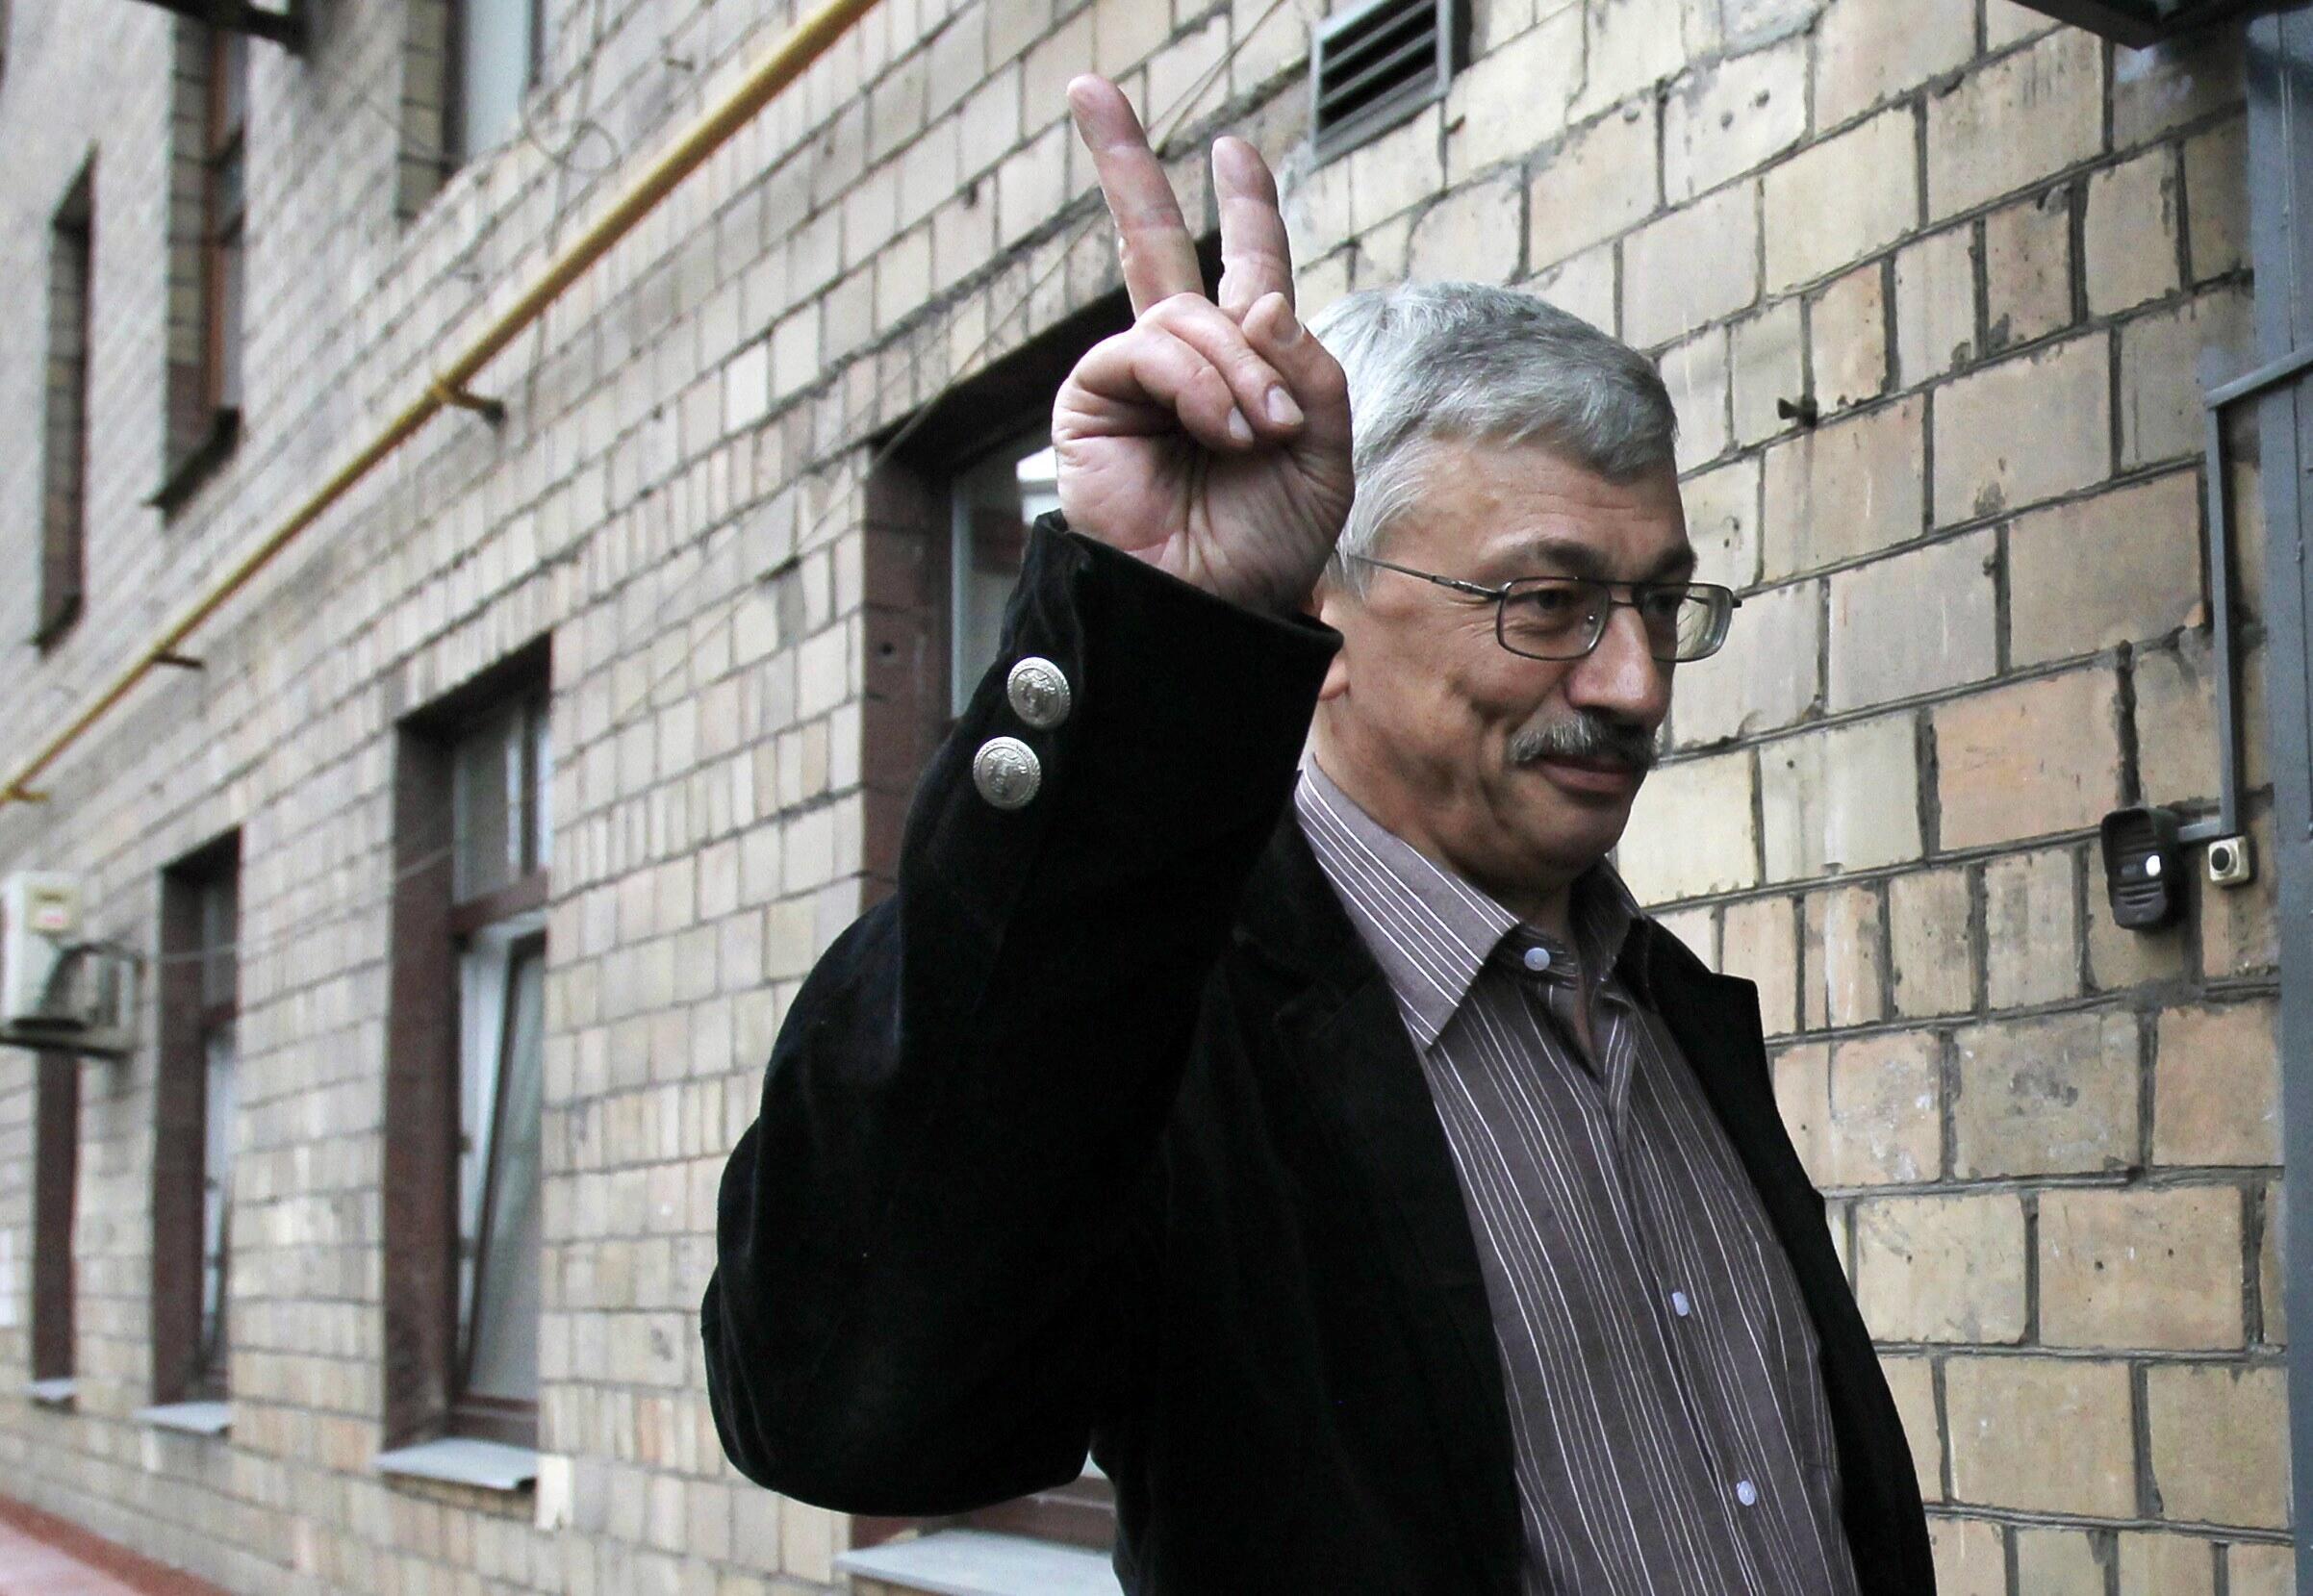 Правозащитник Олег Орлов, Москва, 14 июня 2011